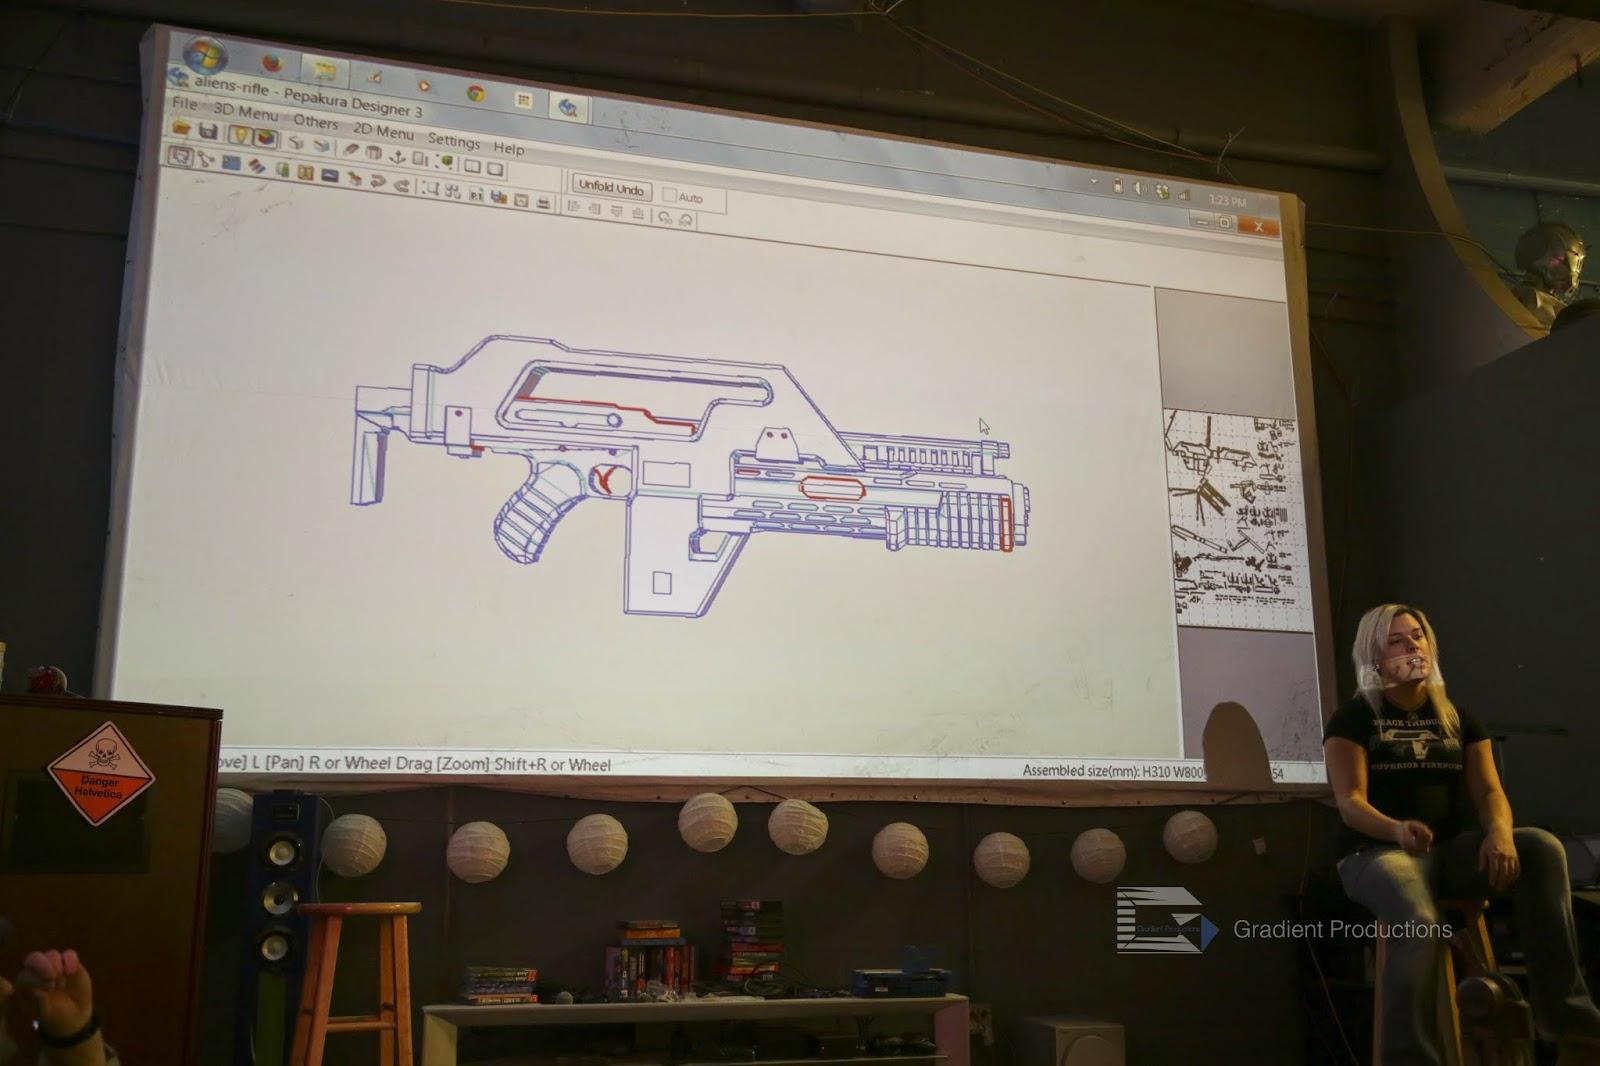 Atlanta Cosplay Meetup: Group Build Update #1